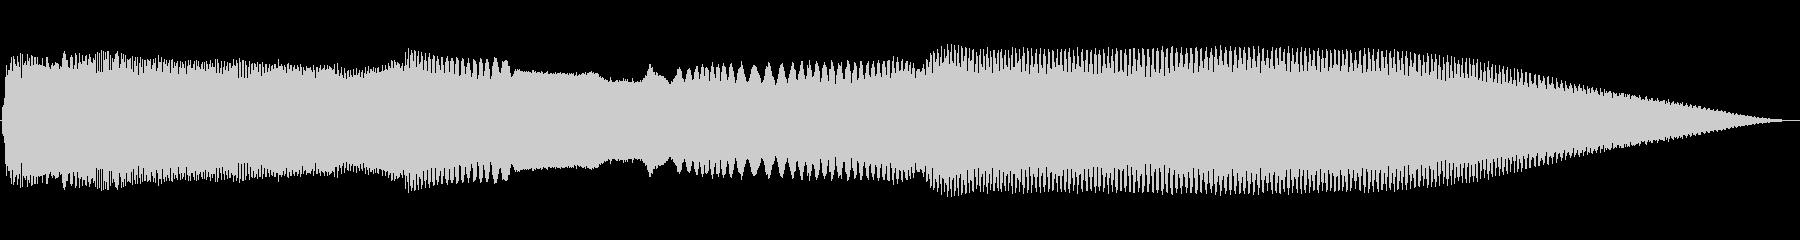 不協和音を話すトーンアラームの未再生の波形